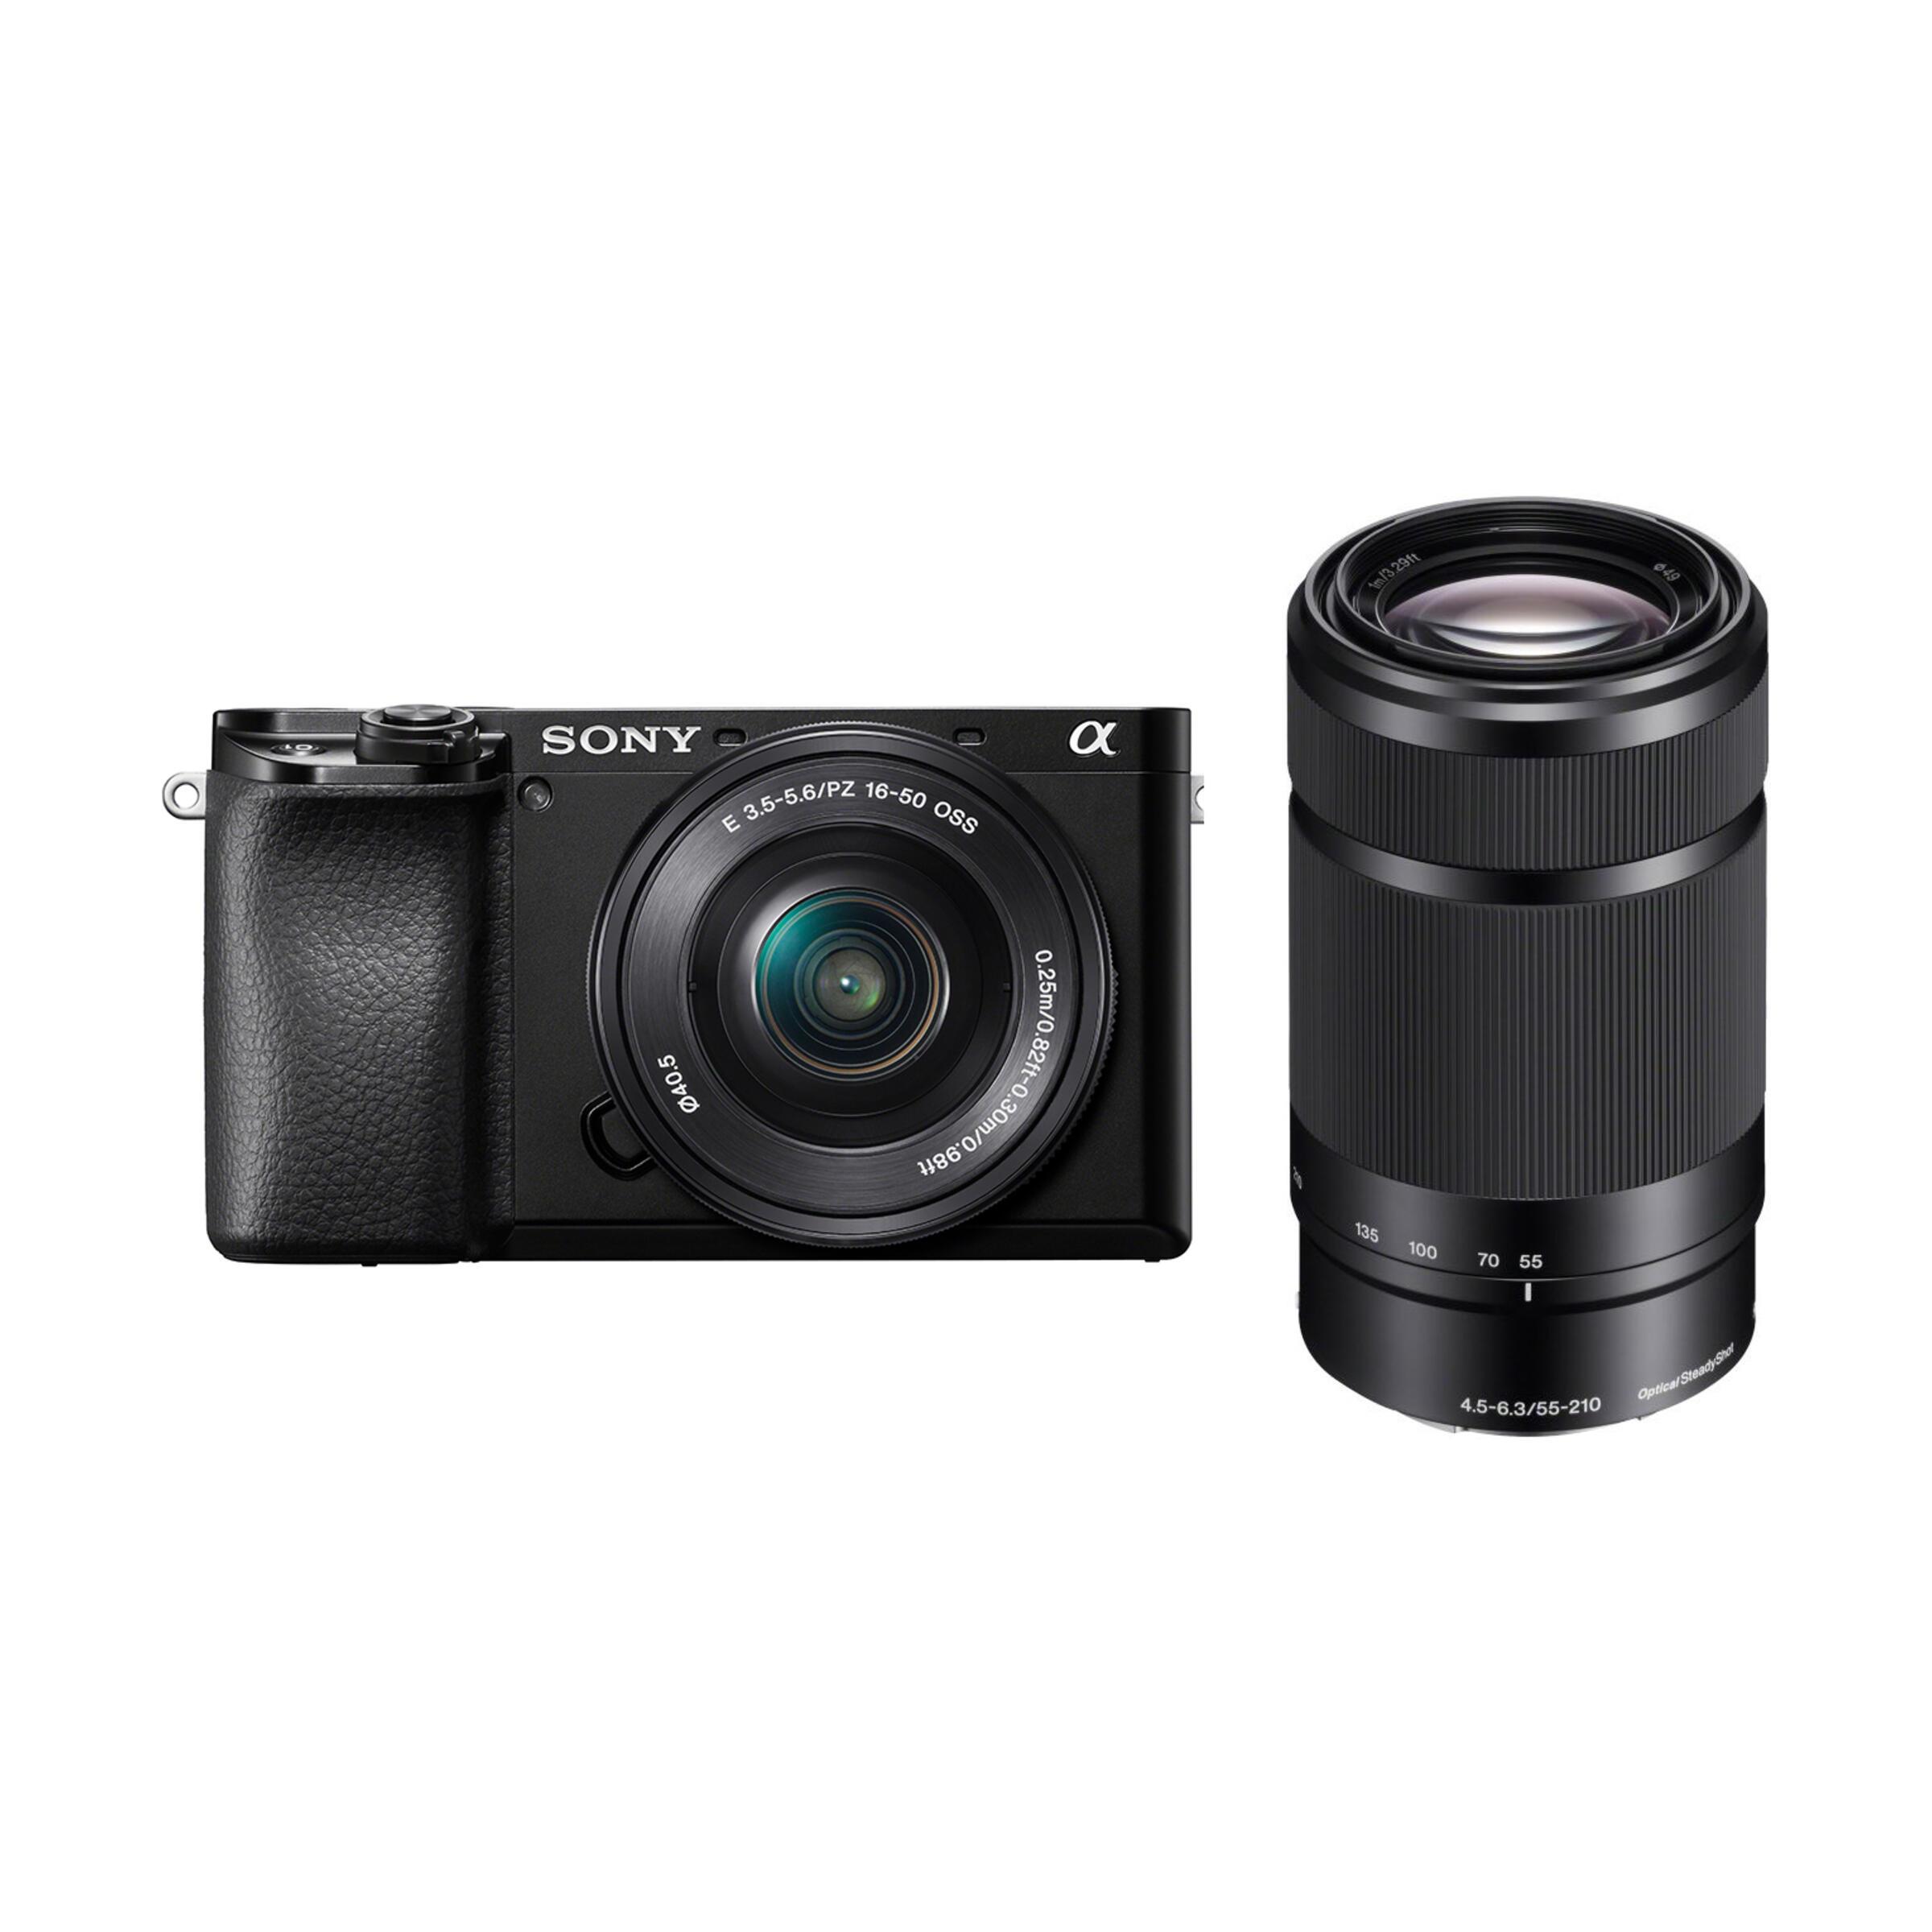 Sony Alpha 6100 + E PZ 16-50mm